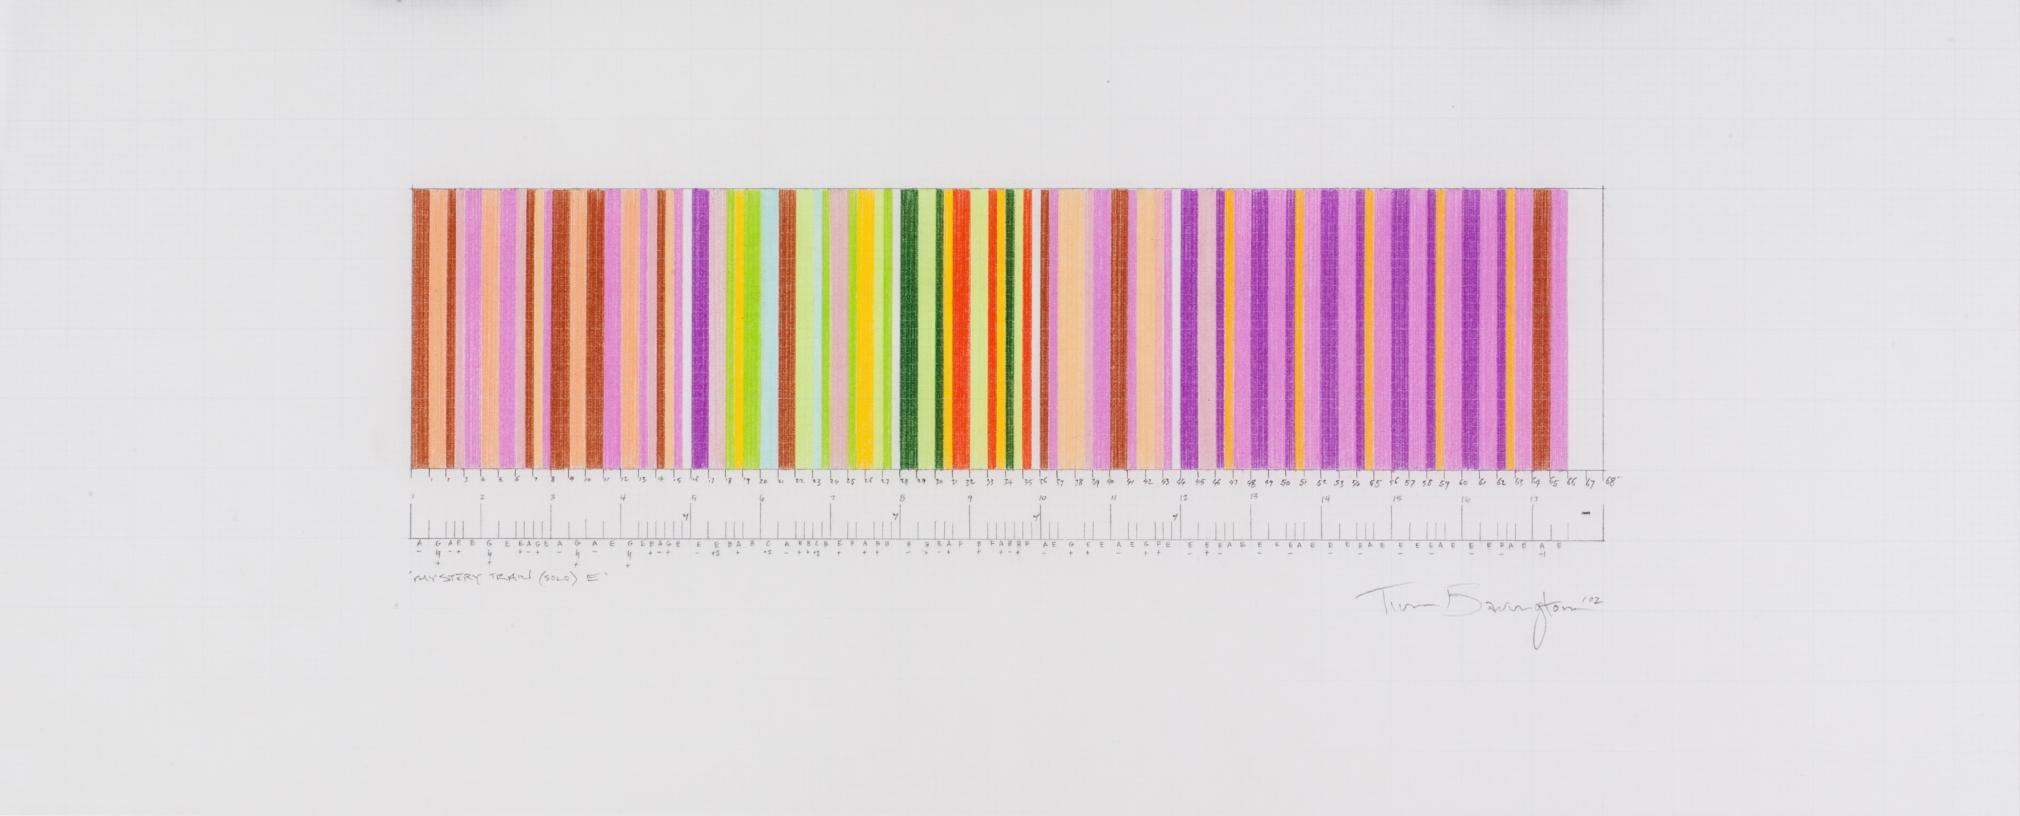 Mystery Train (solo) E, 2002, pencil on graph paper